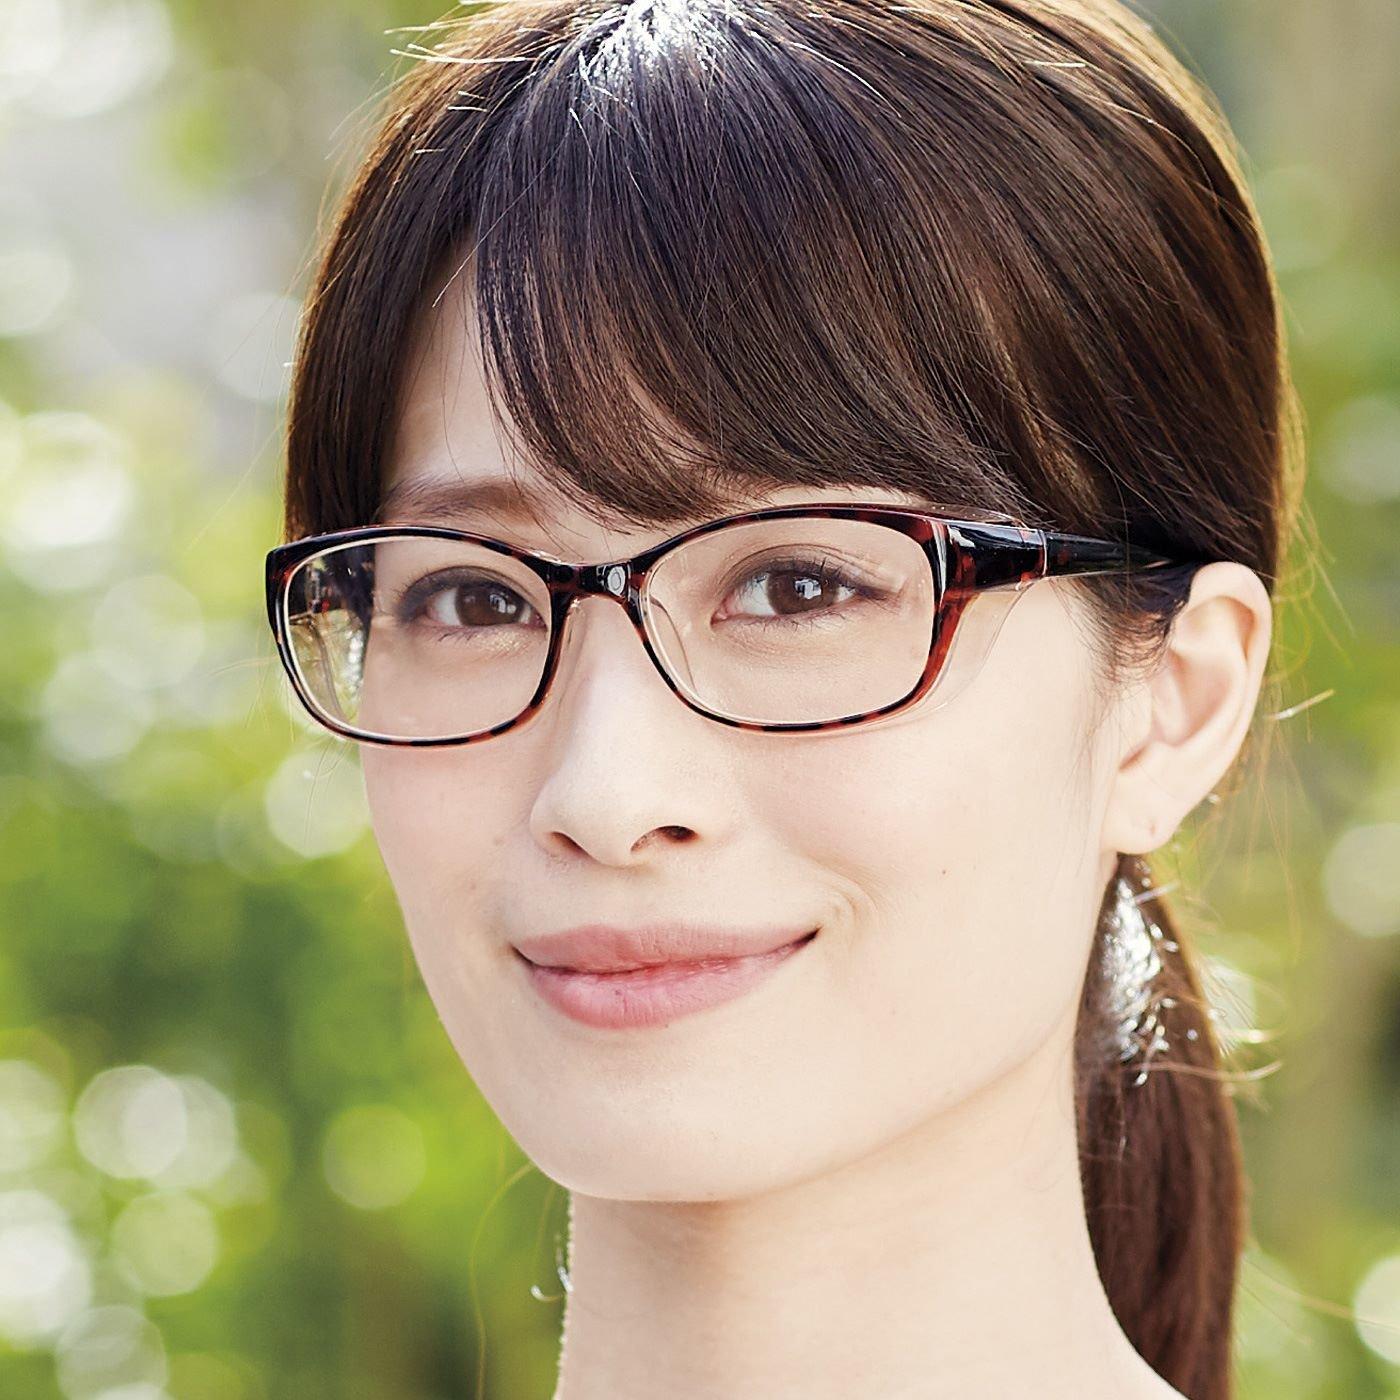 透明フードでカバー! 普通の眼鏡に見える花粉対策UVカットサングラス